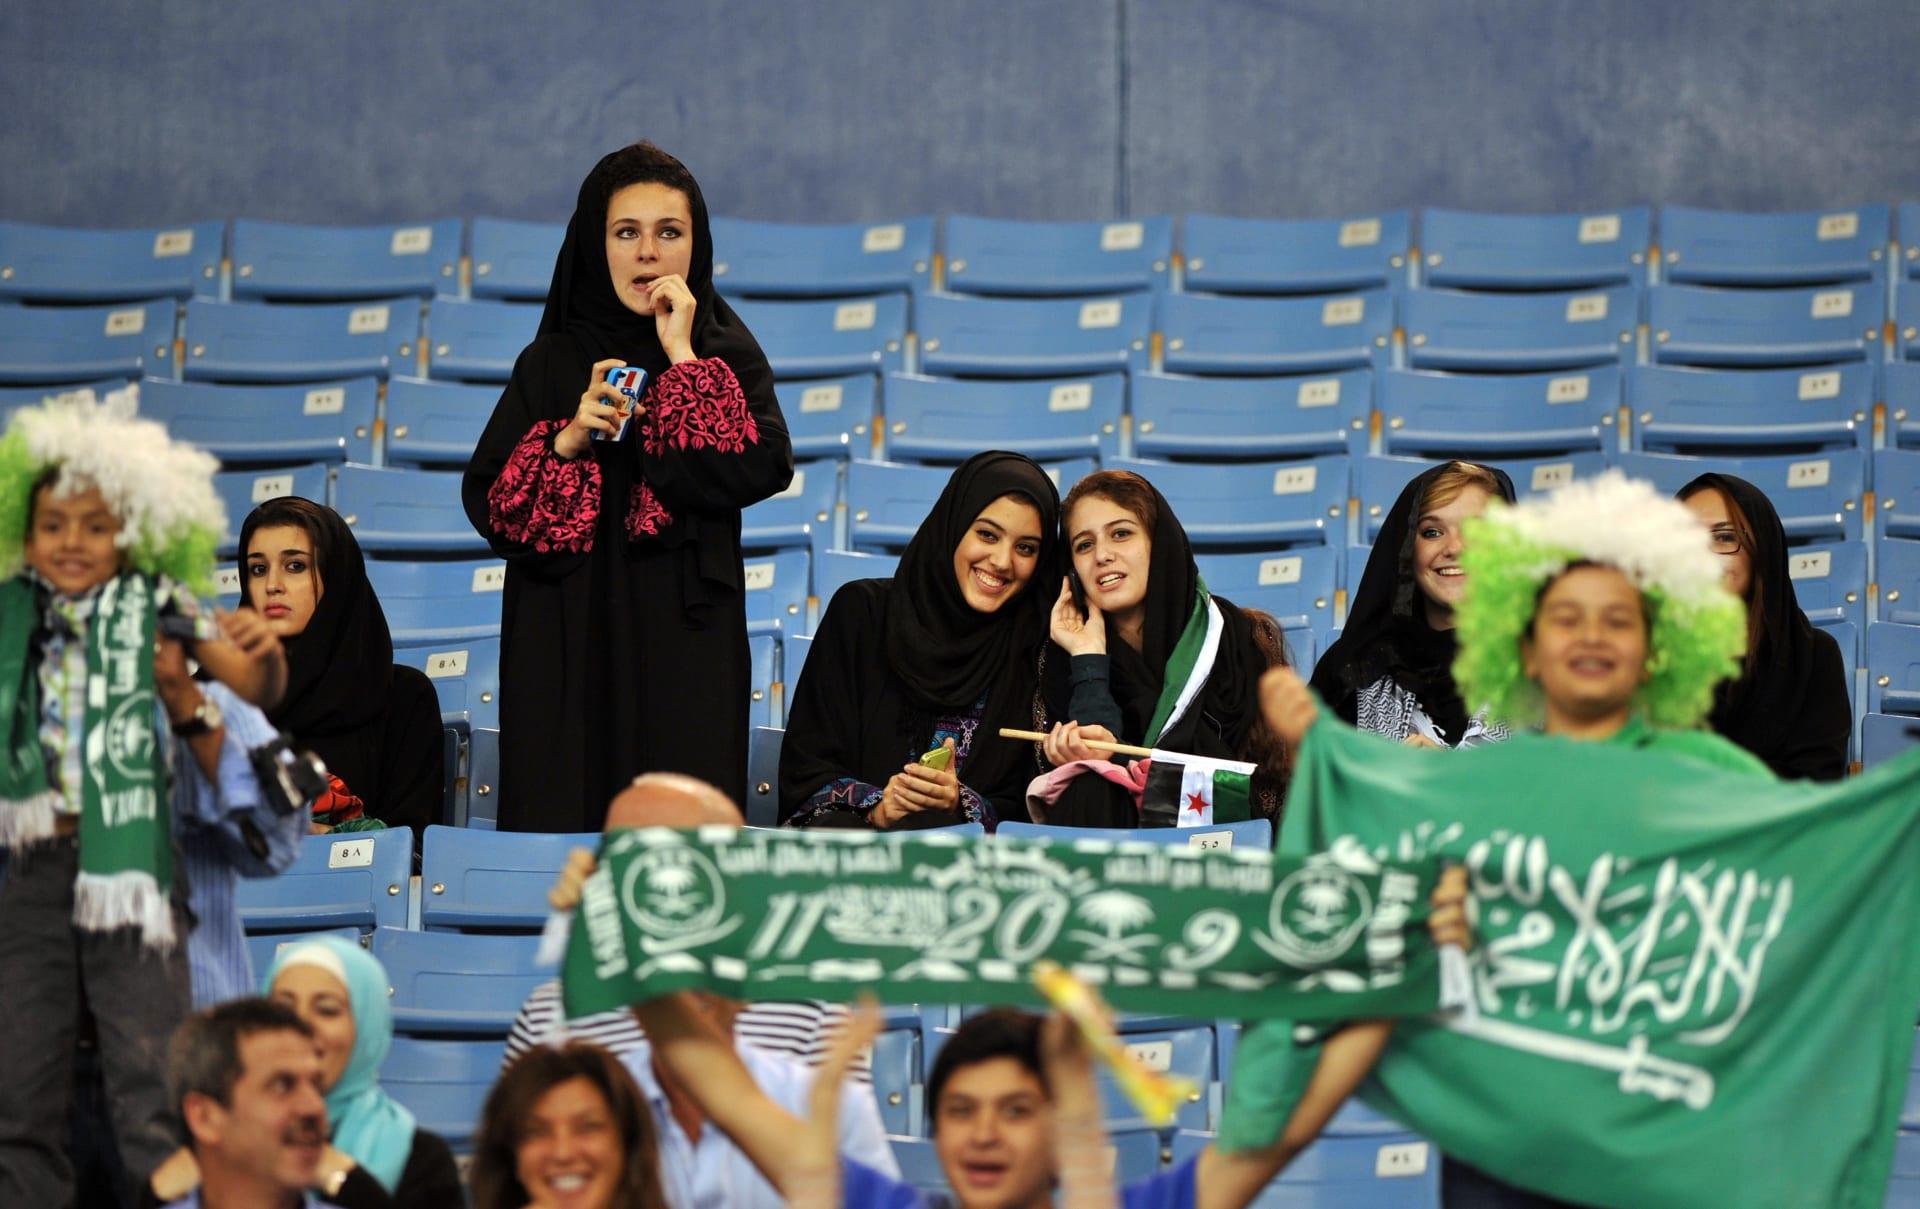 ملعب الملك عبدالله يستعد لاستقبال العائلات للمرة الأولى في تاريخ الدوري السعودي